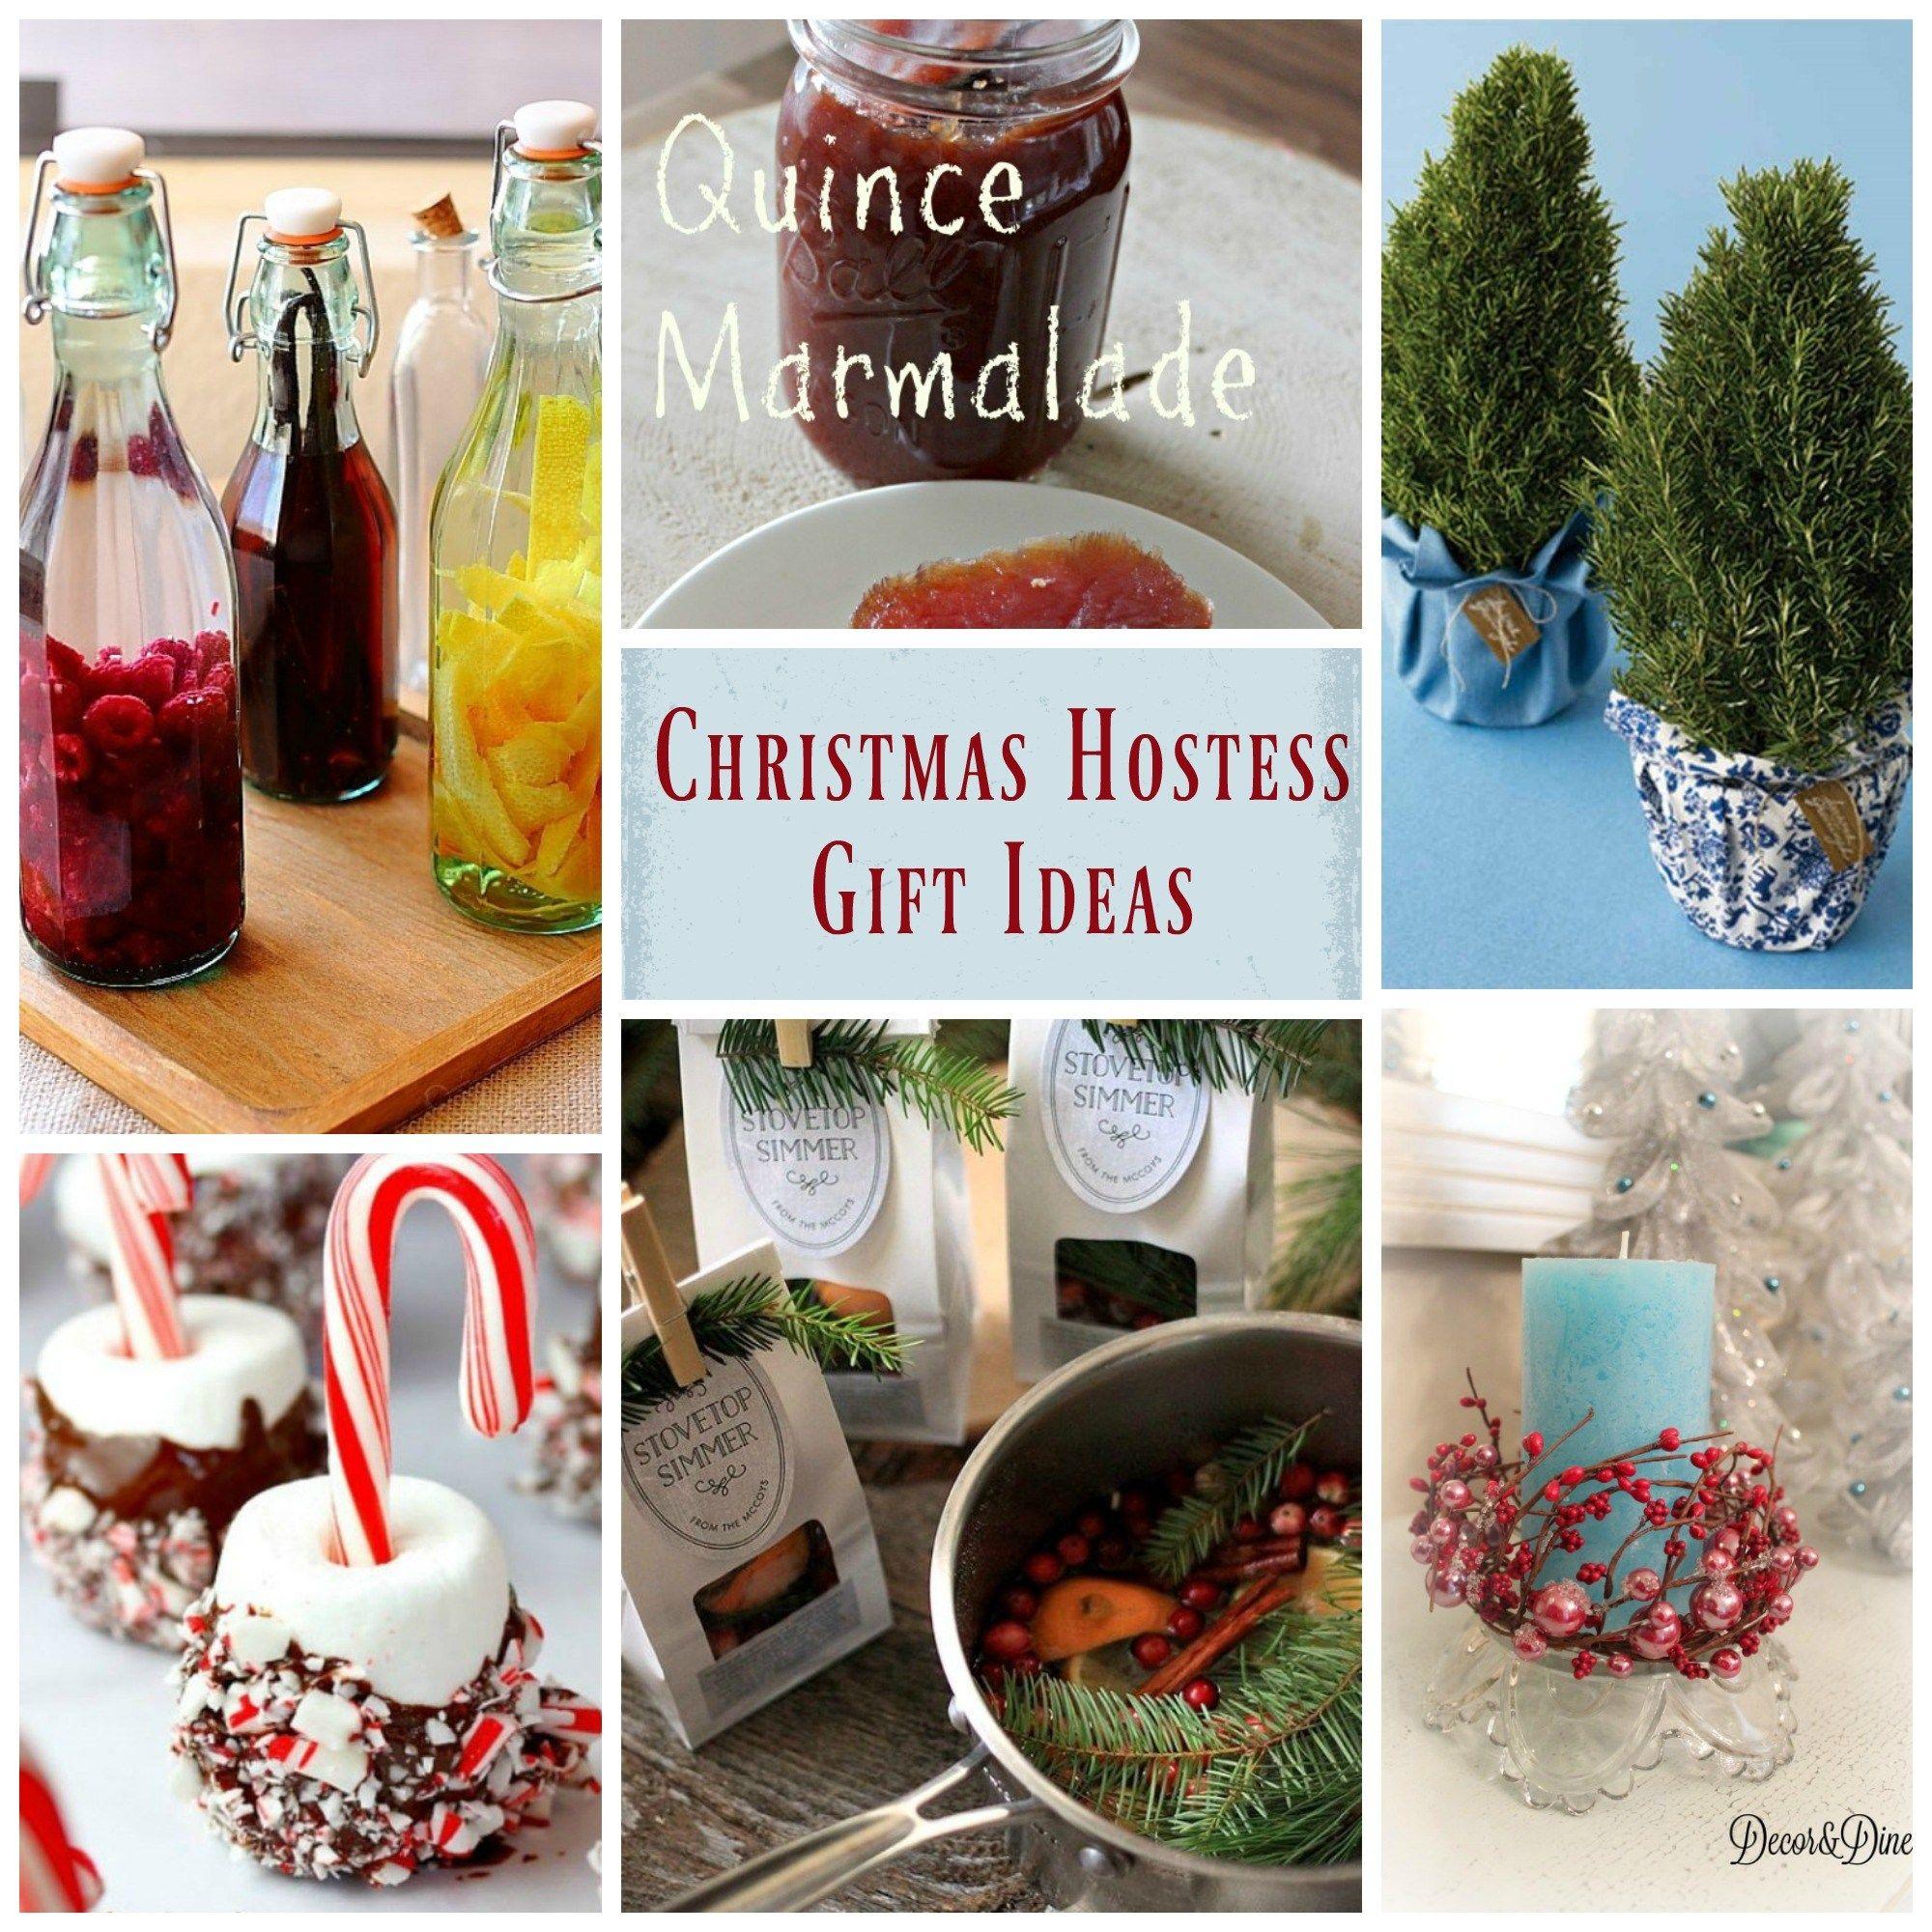 Christmas Hostess Gift Ideas | Desserts | Pinterest